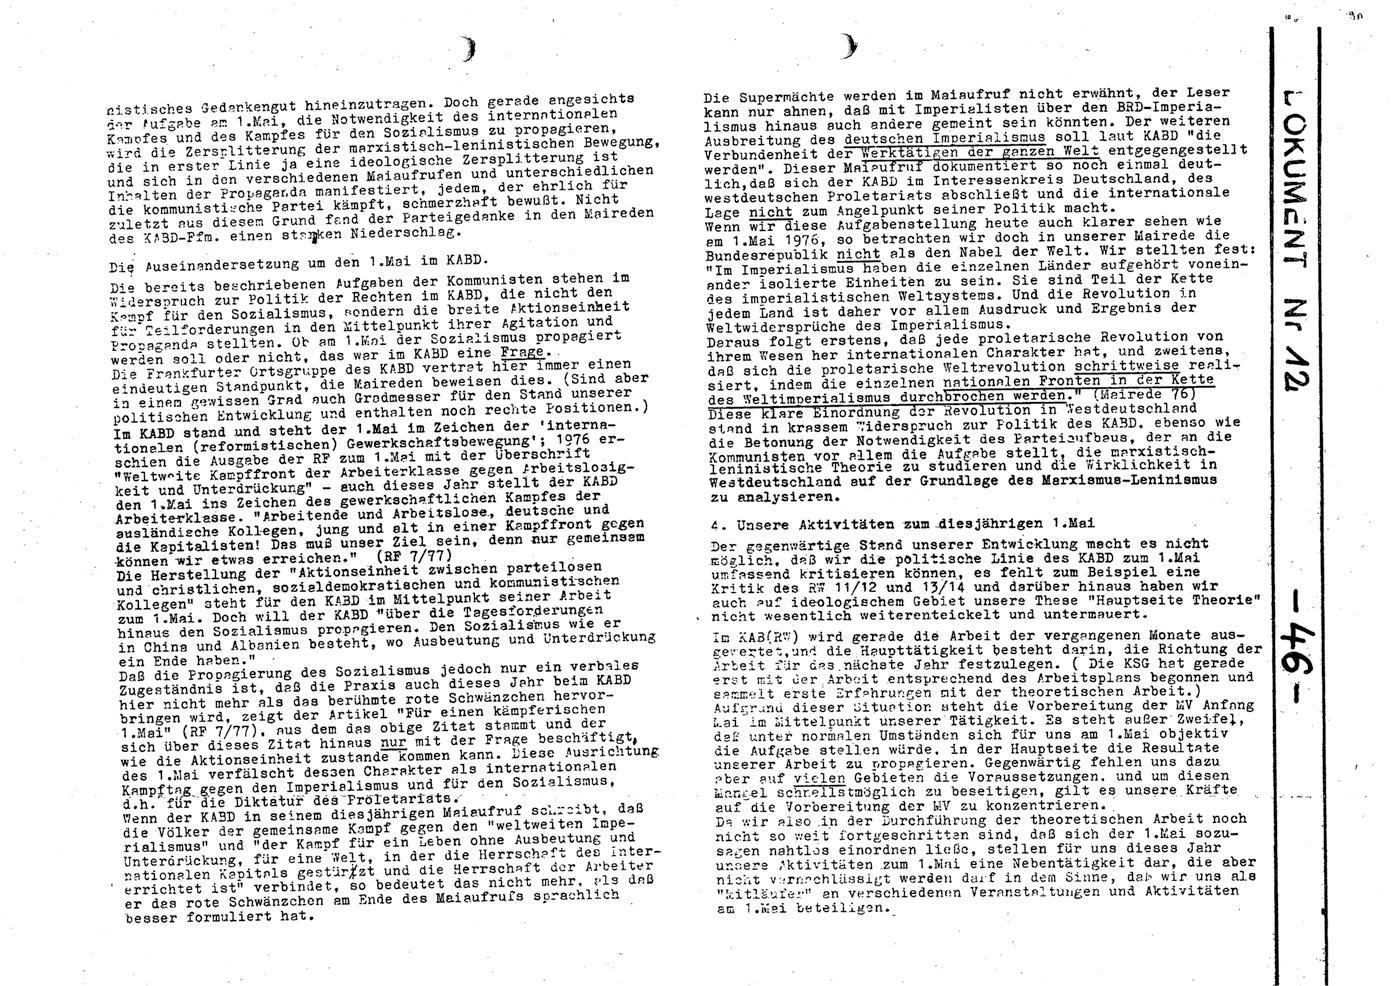 KABRW_Arbeitshefte_1977_24_046